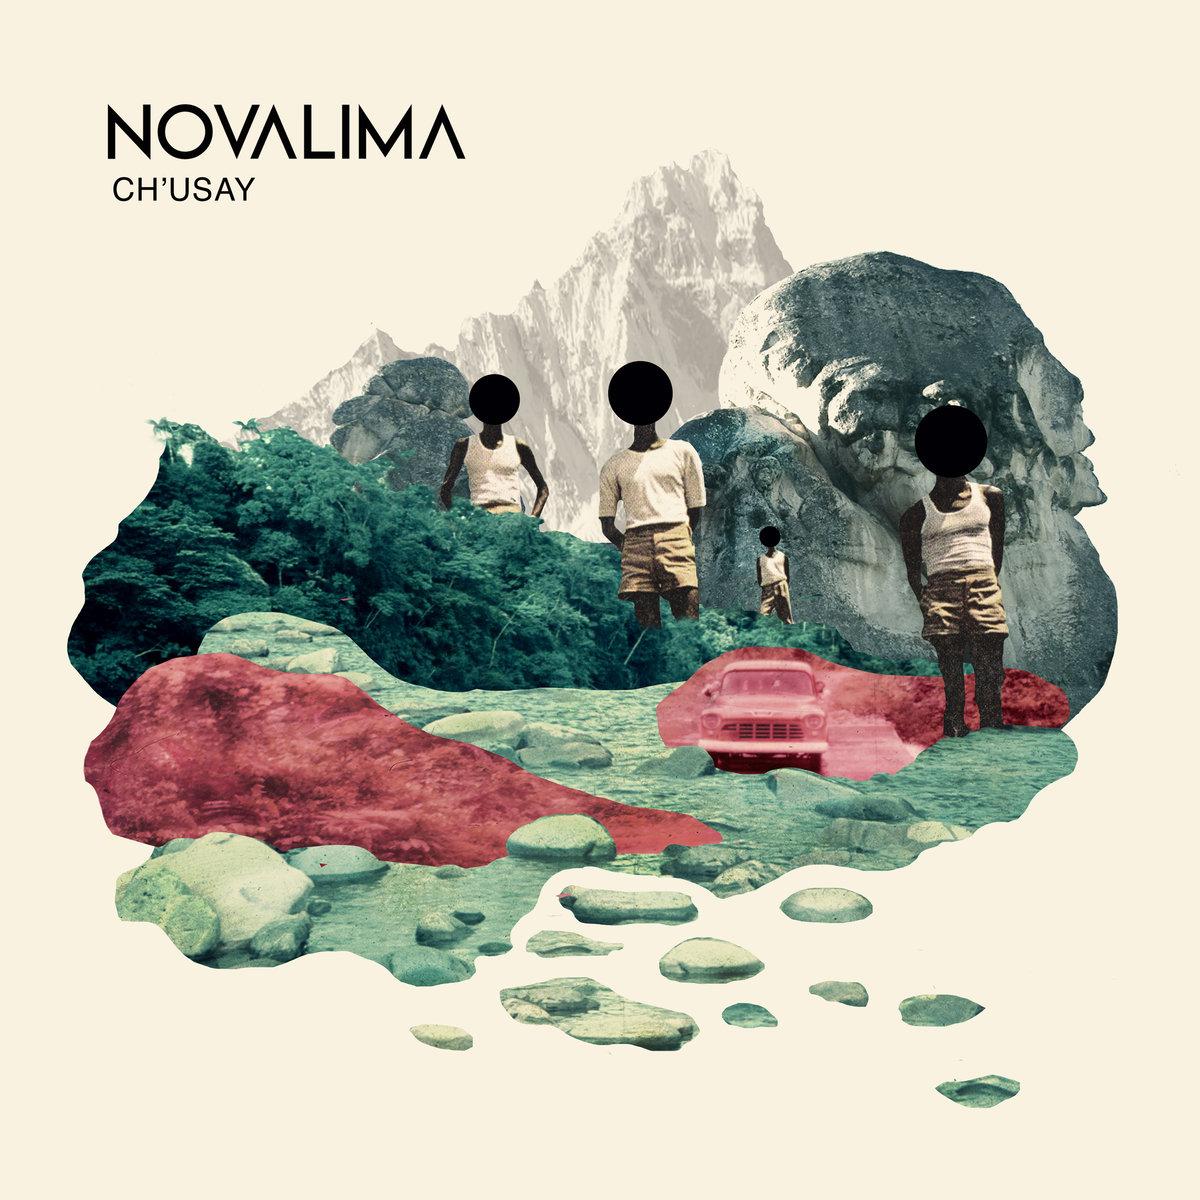 novalima-chusay